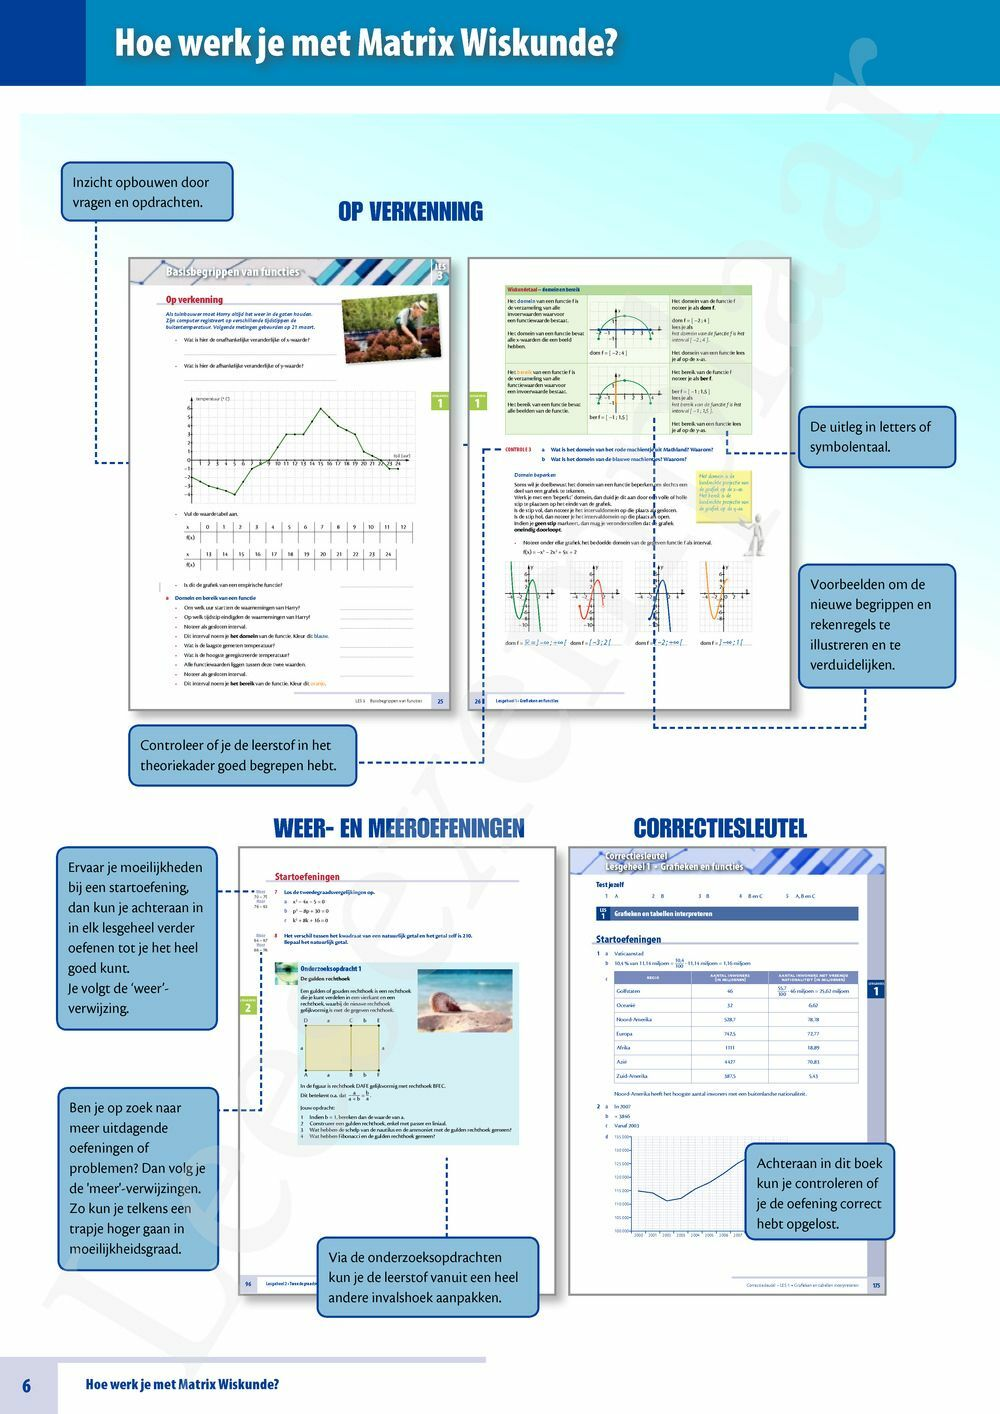 Preview: Matrix Wiskunde 4/5 tweedegraadsvergelijkingen en -functies 2 & 3 uur wiskunde tso-kso leerwerkboek (inclusief openleertrajecten, beknopte correctiesleutel en Pelckmans Portaal)